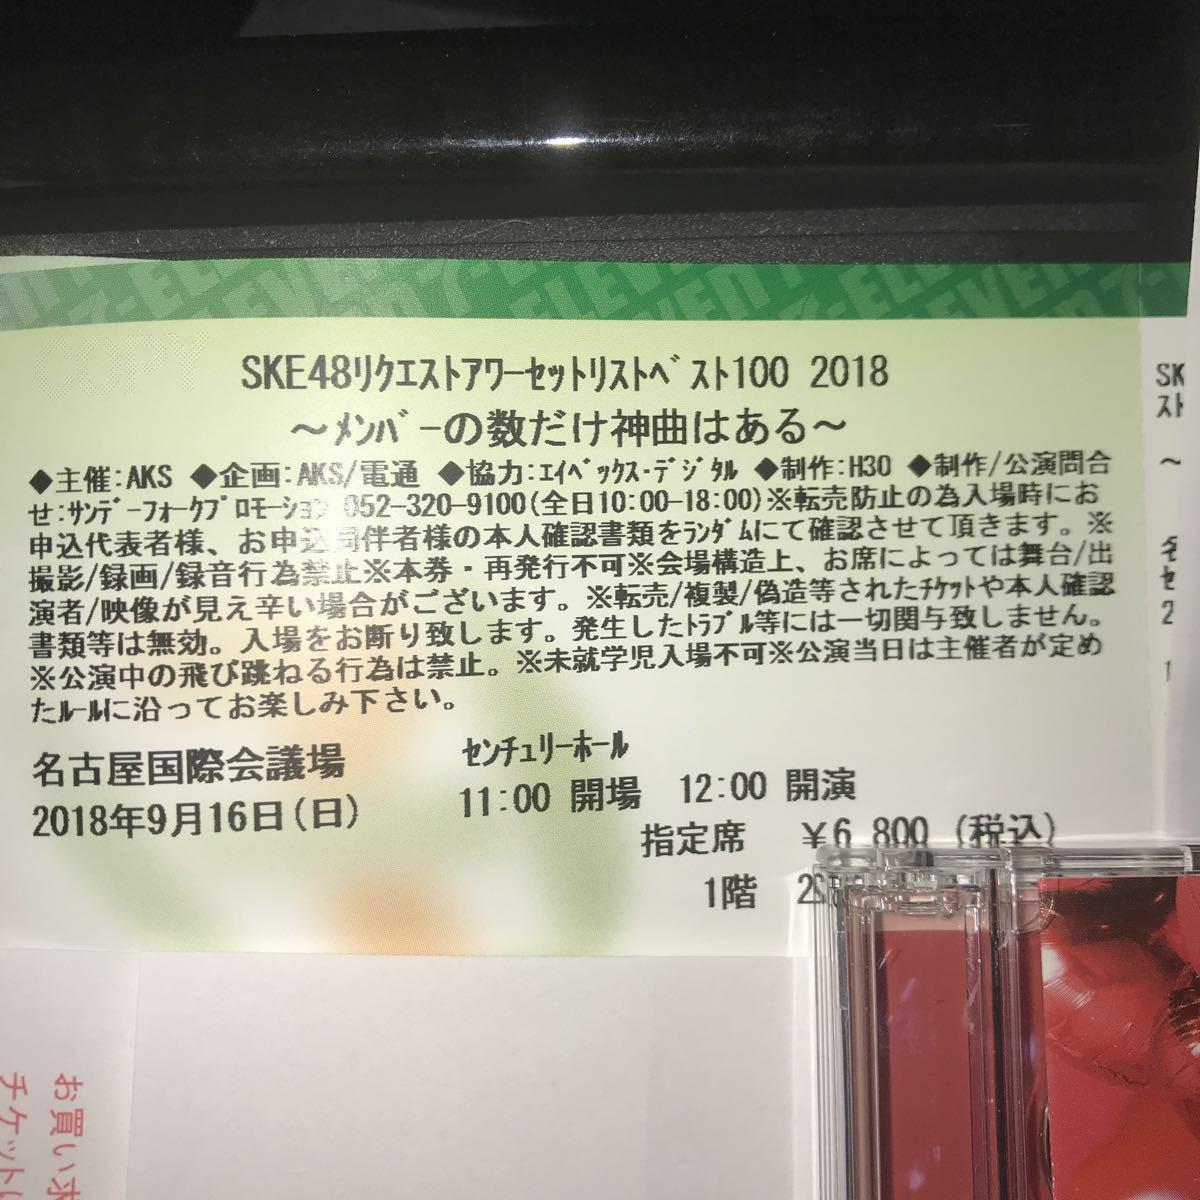 SKE48 リクエストアワーセットリストベスト100 9/16(日) 昼公演 1階20~25列通路側 1枚